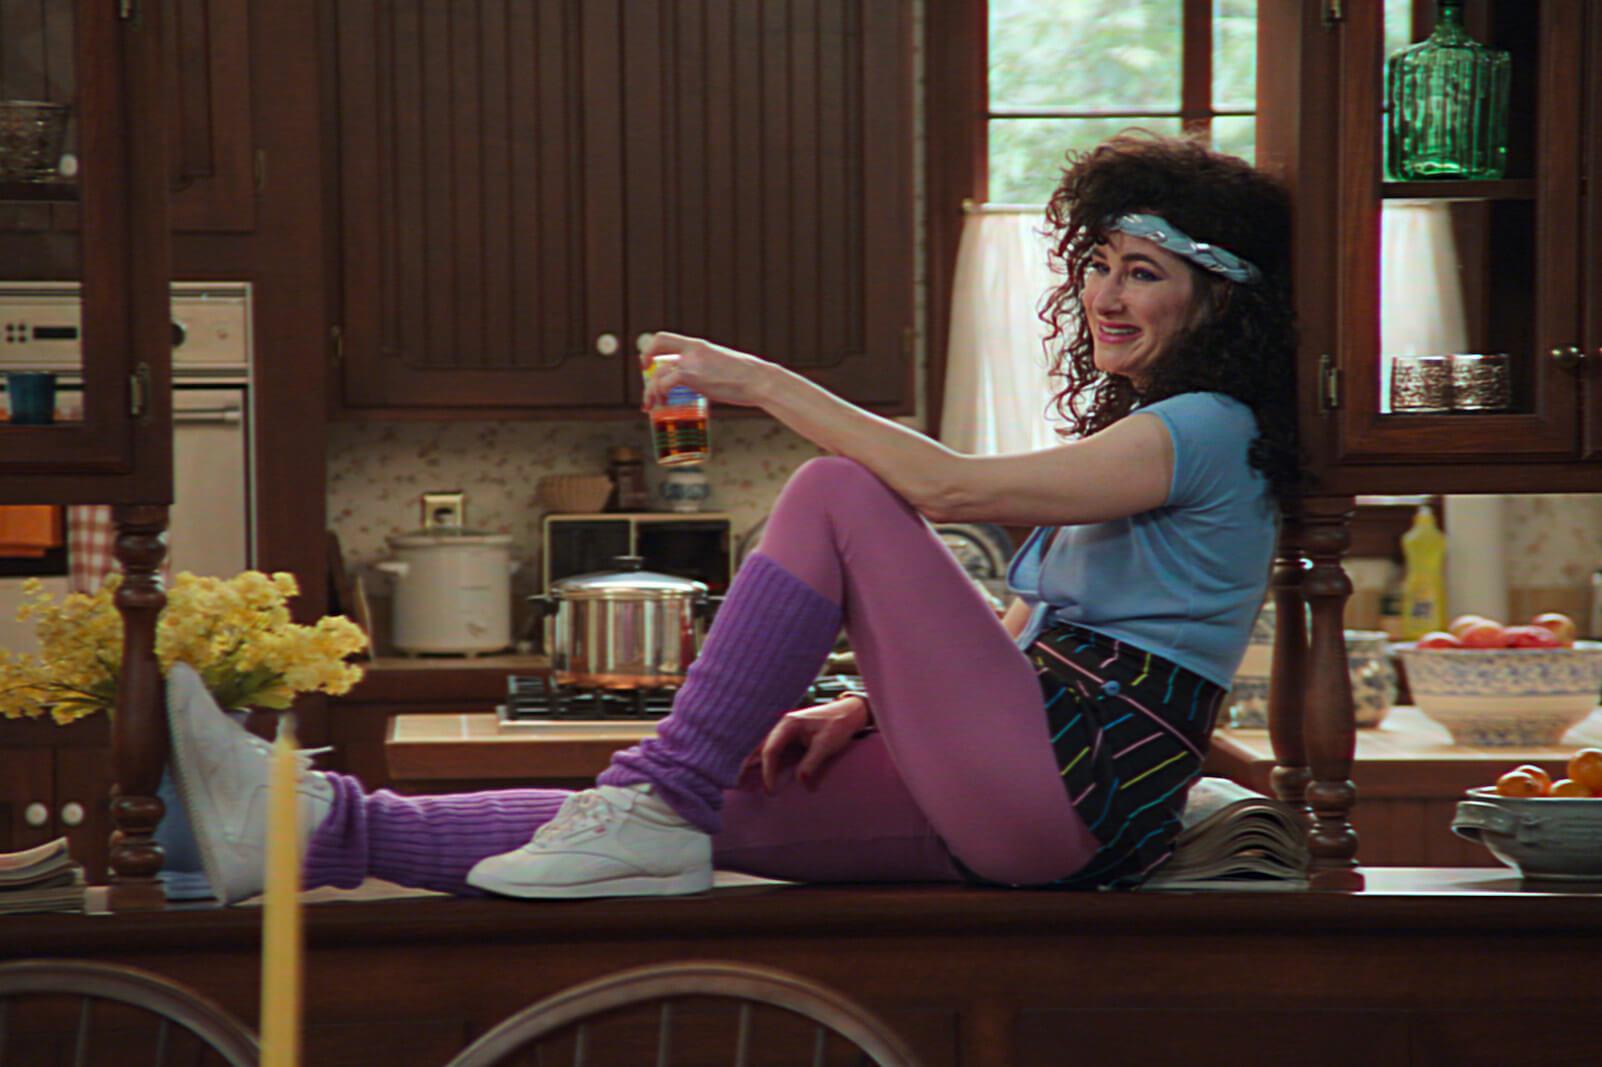 鄰居Agnes傳聞是Wanda於原著漫畫中的導師Agatha Harkness,她的這身造型顯然是80s Aerobics Outfit!